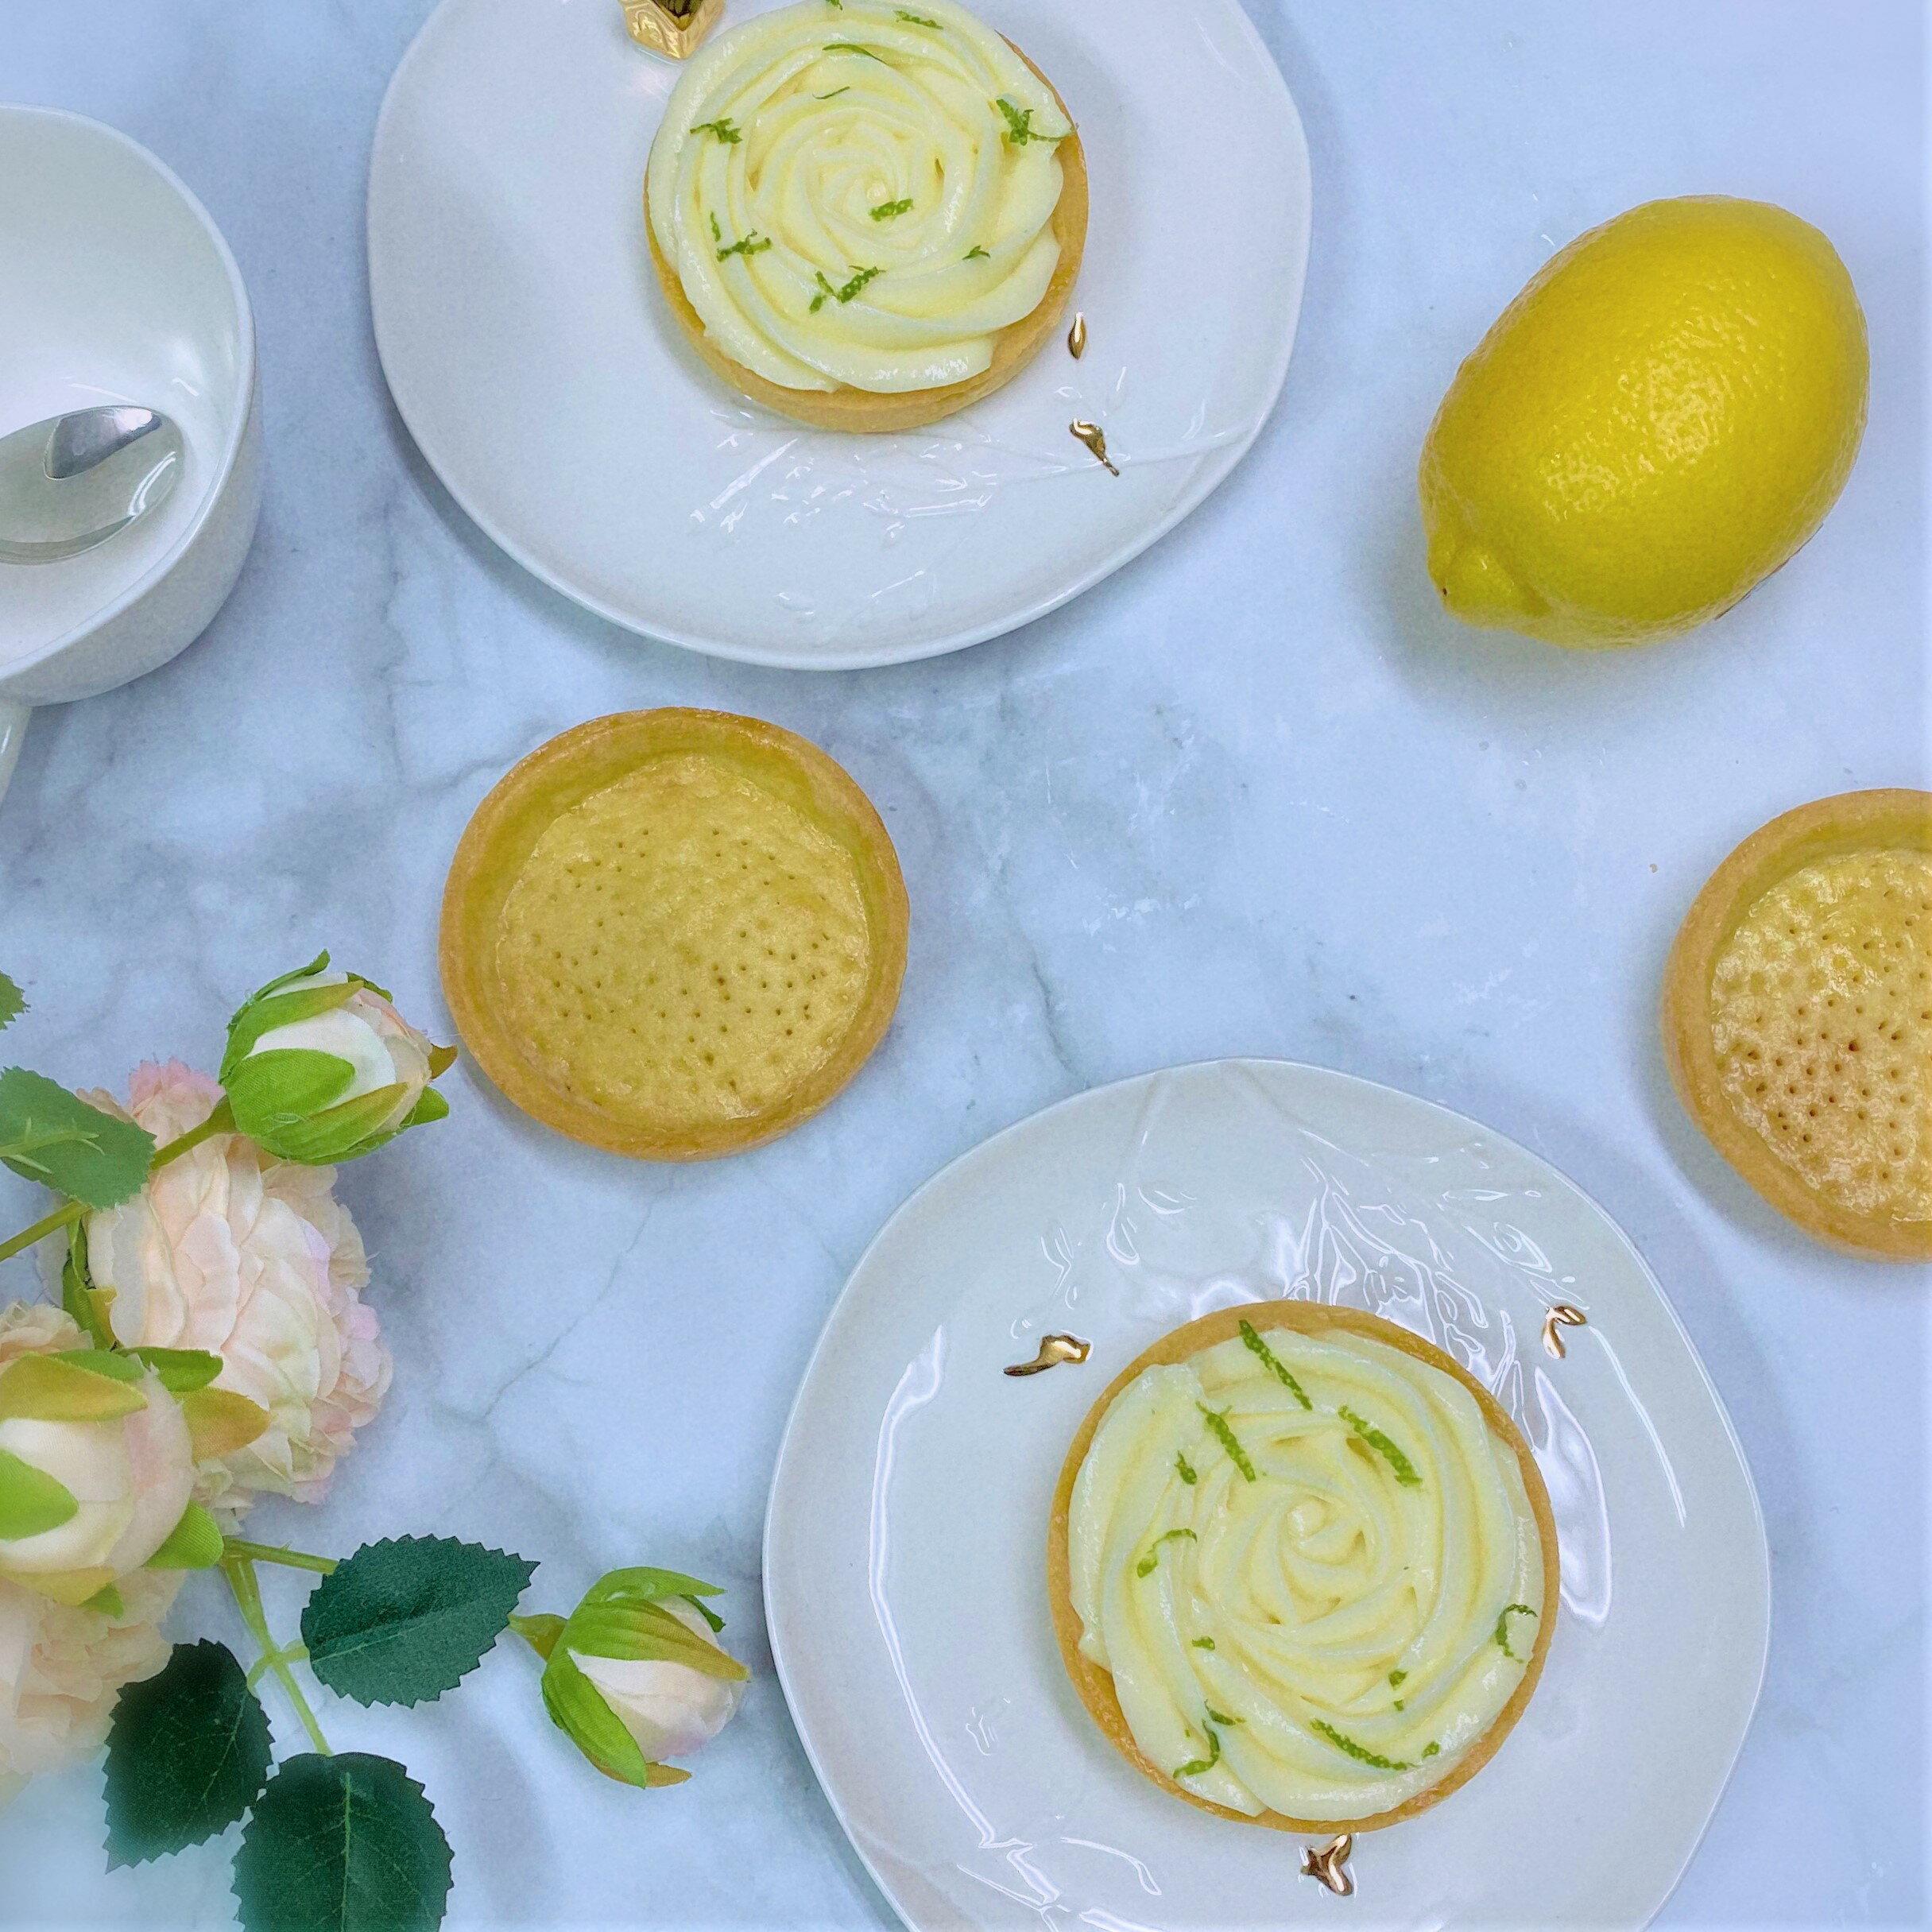 奧斯卡曲奇 Ι 法式檸檬塔 3吋/ 70g/9入/盒 檸檬 塔 甜點 下午茶